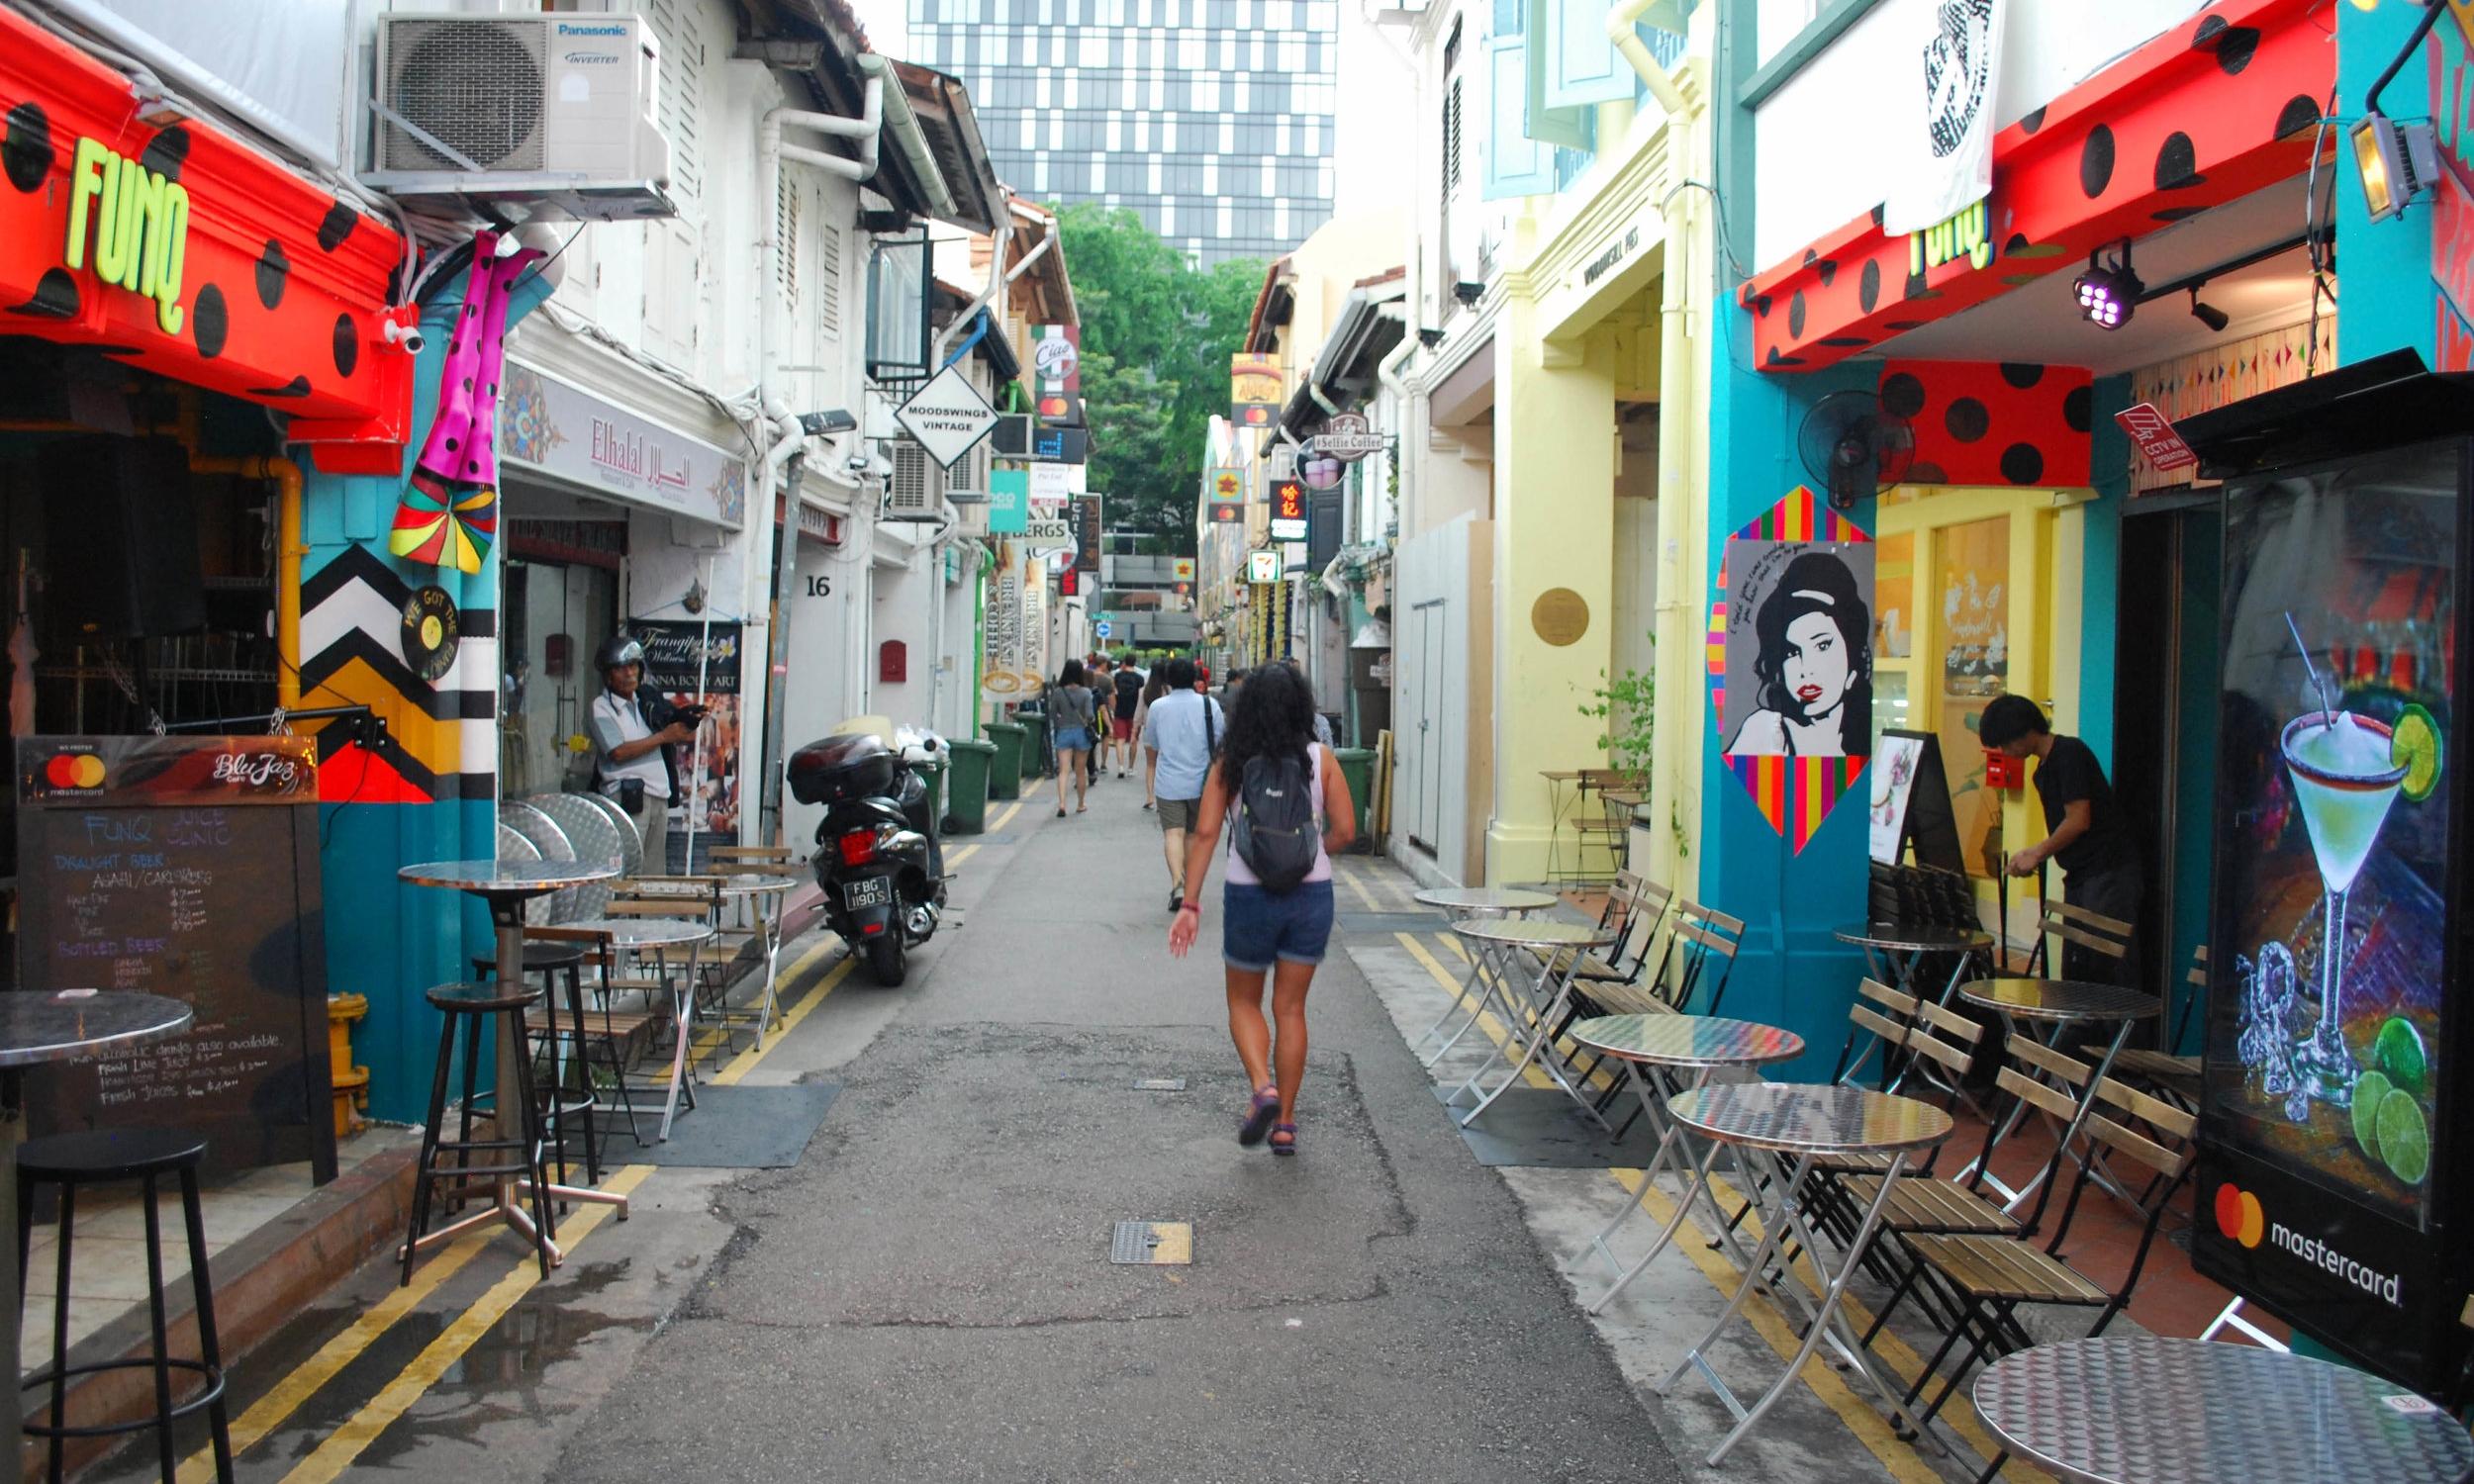 Strolling through Hadji Lane